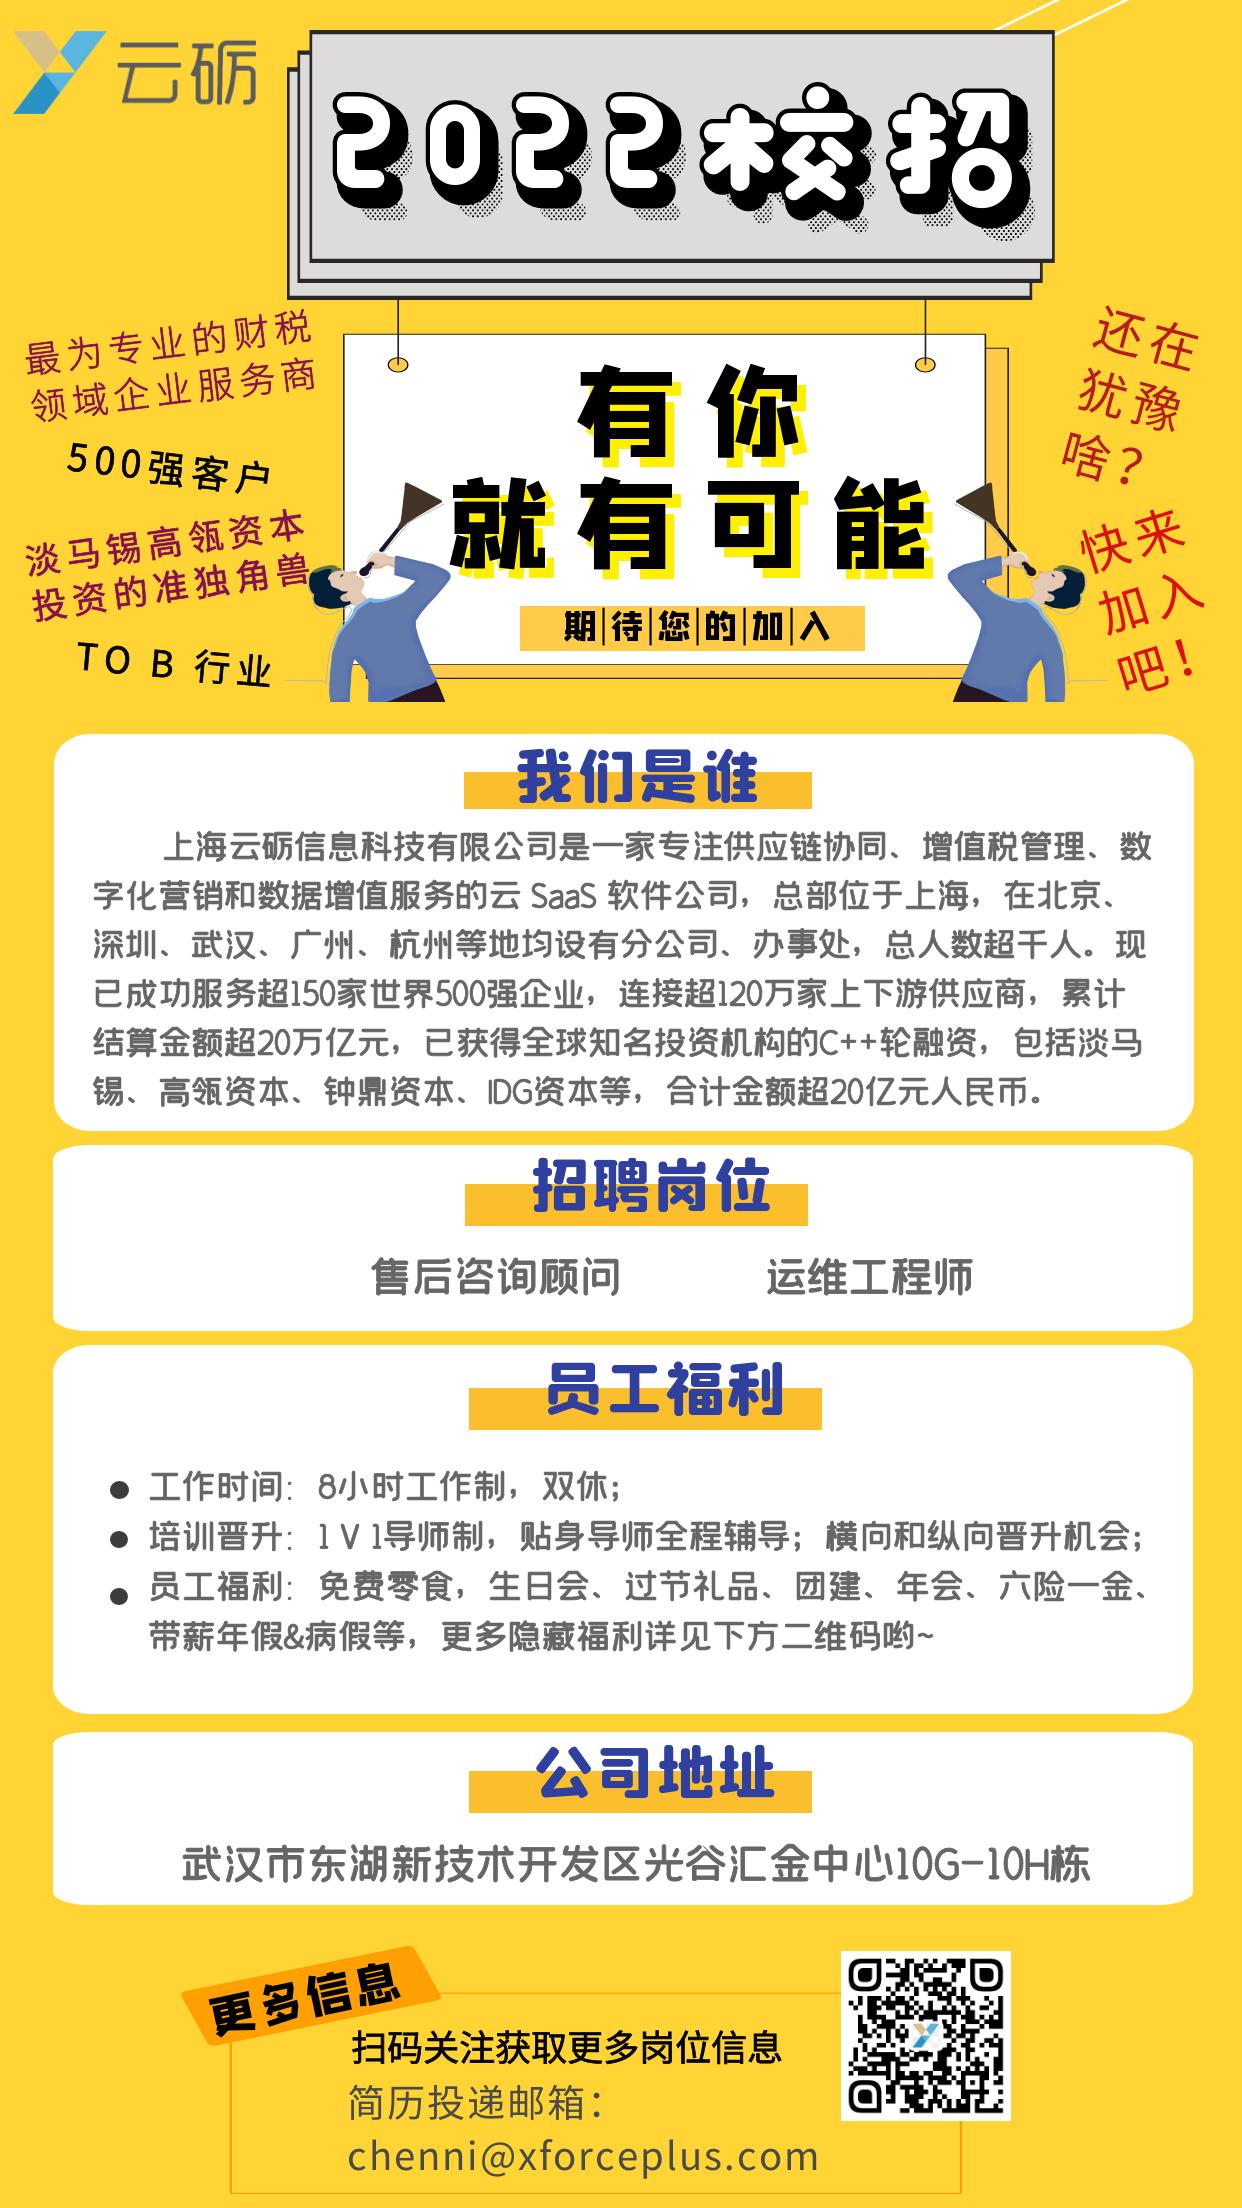 上海云砺2022年校园招聘